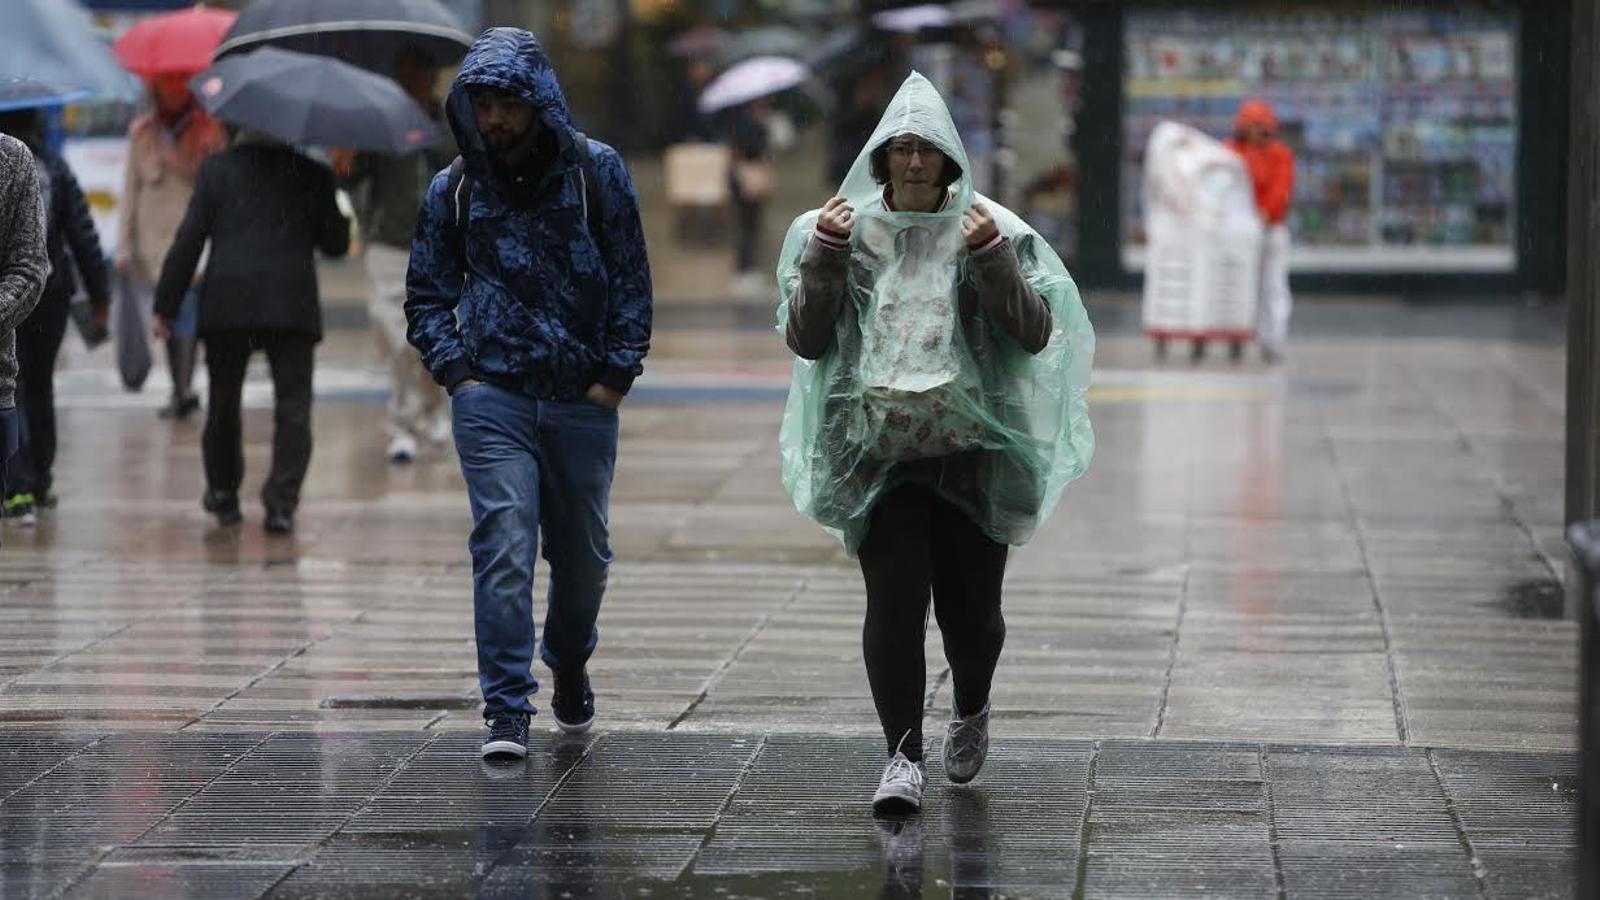 Les pluges de Barcelona han quadruplicat les de Londres aquesta primavera